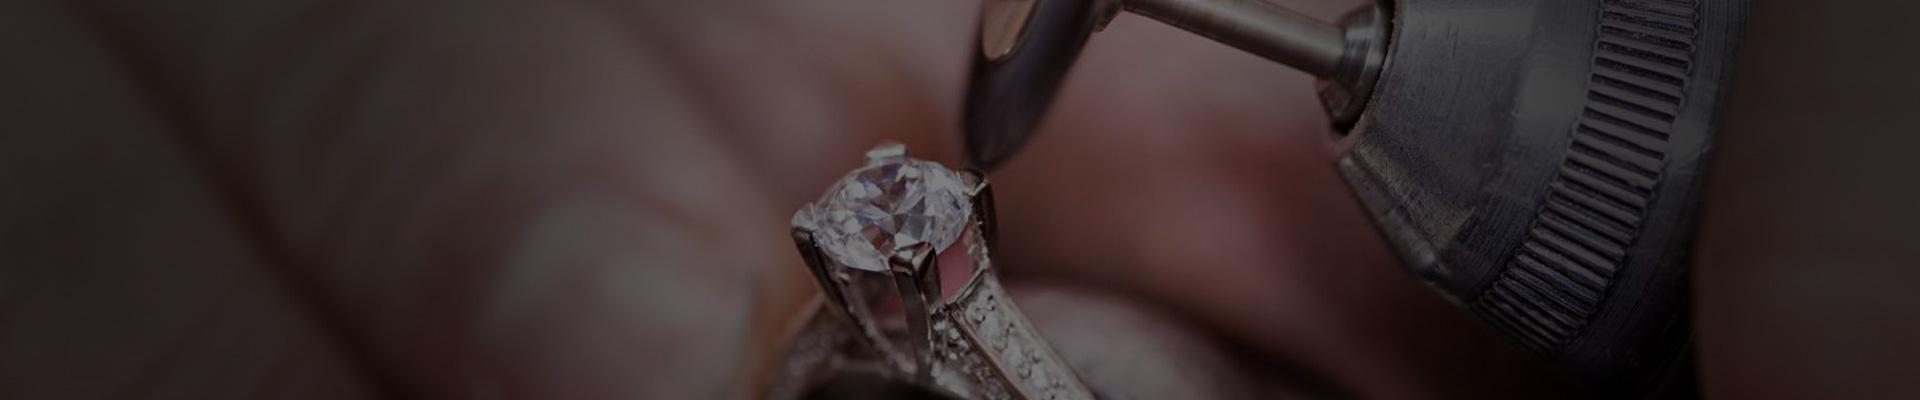 jewelry services lincoln ne